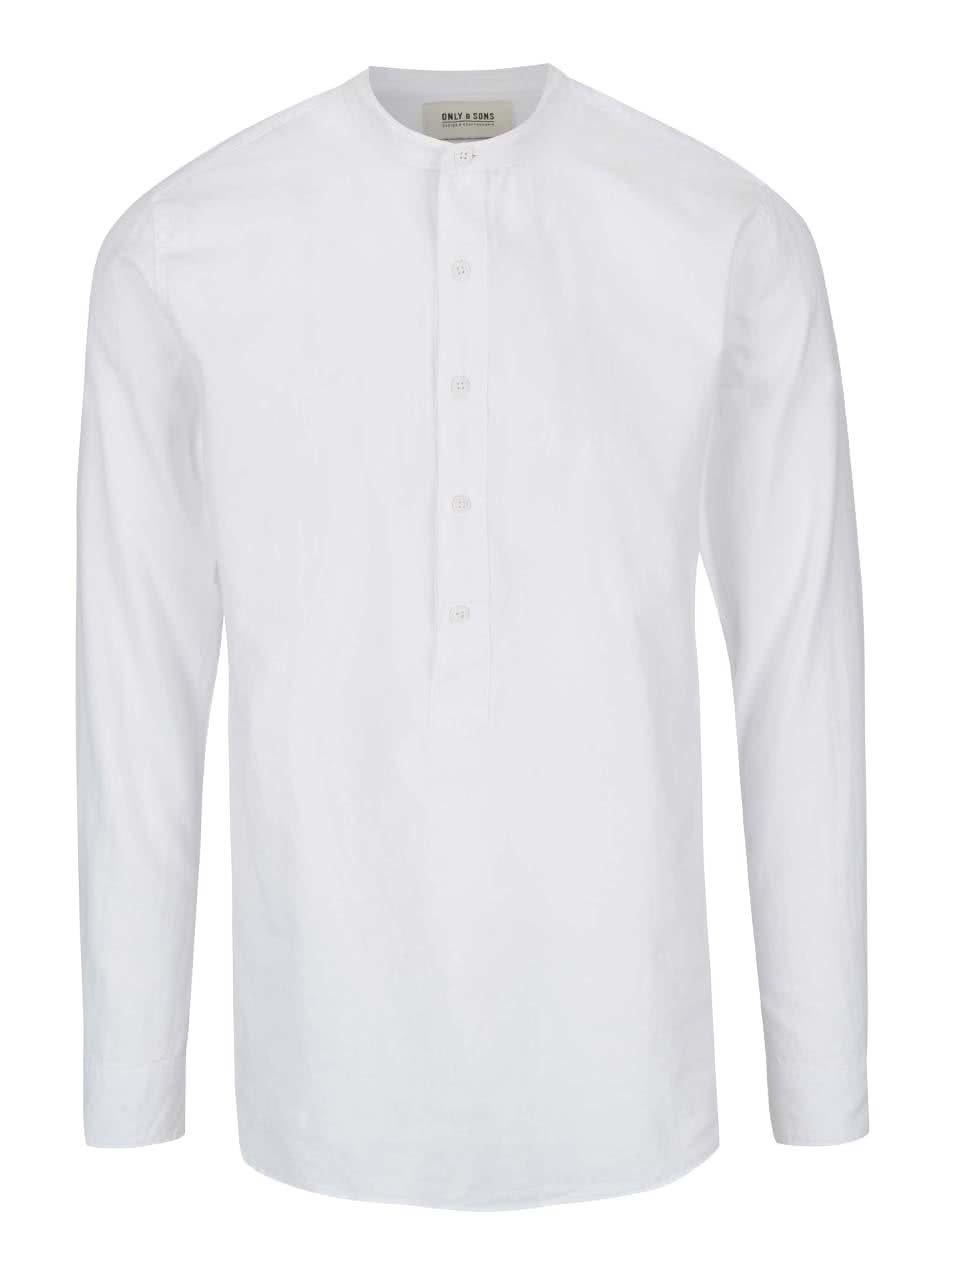 Bílá košile bez límečku ONLY & SONS Placket